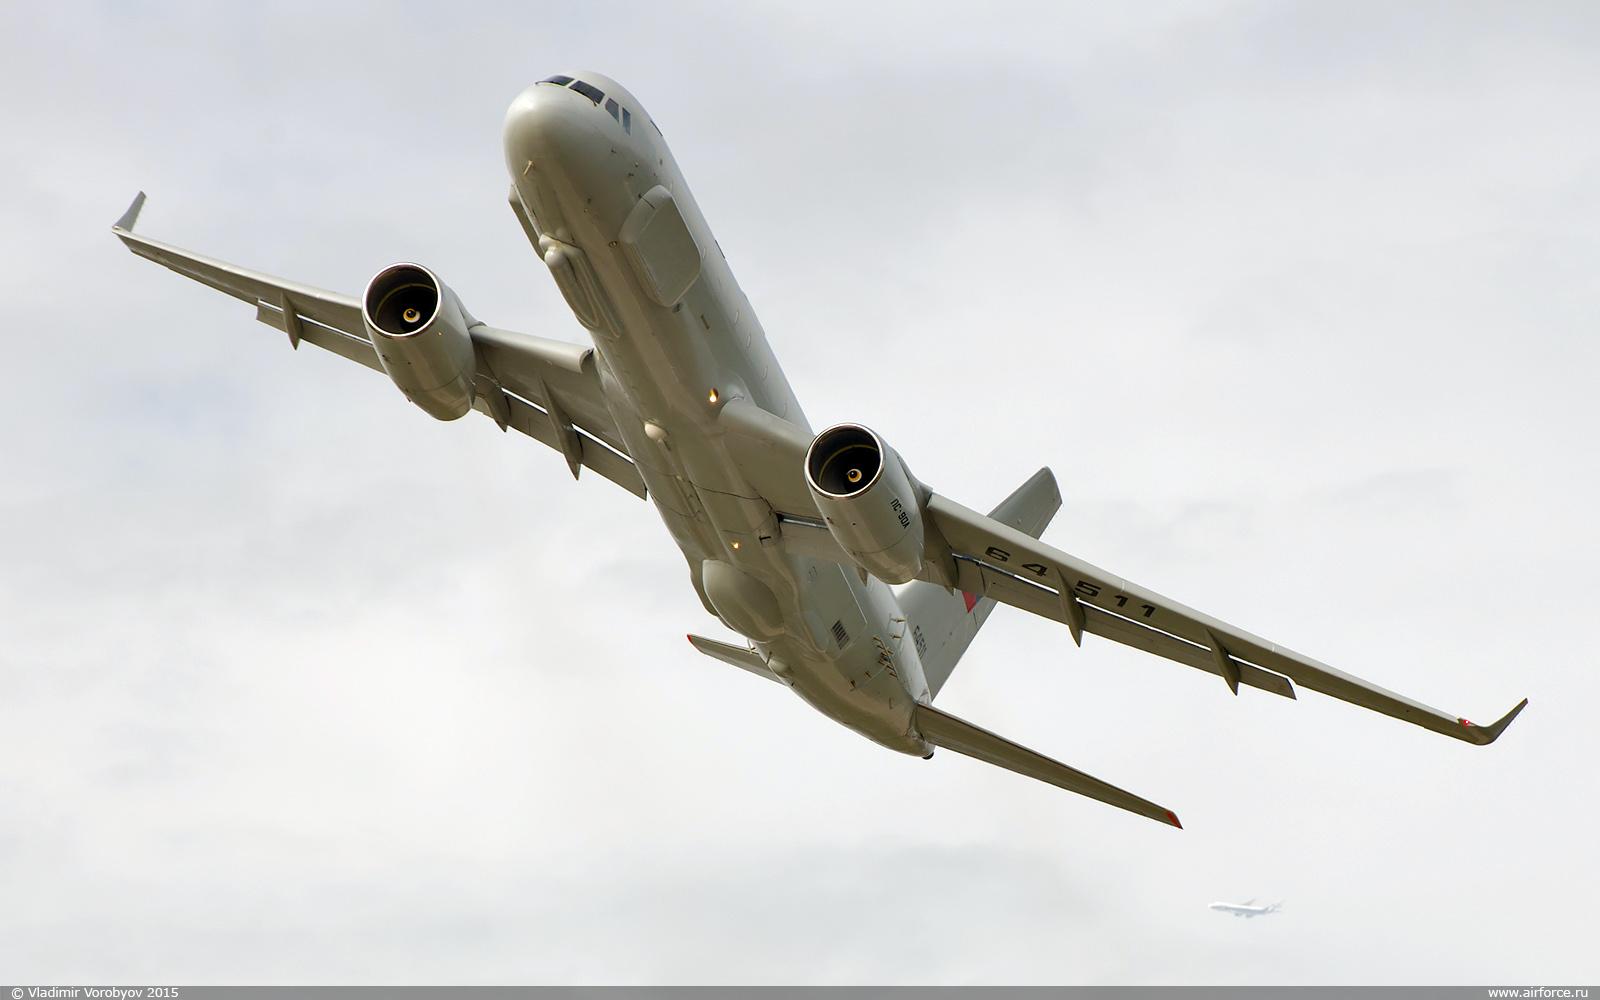 Головной экземпляр самолета комплексной разведки Ту-214Р (регистрационный номер 64511, заводской номер 42305011, серийный номер 511). Снимок 2015 года.